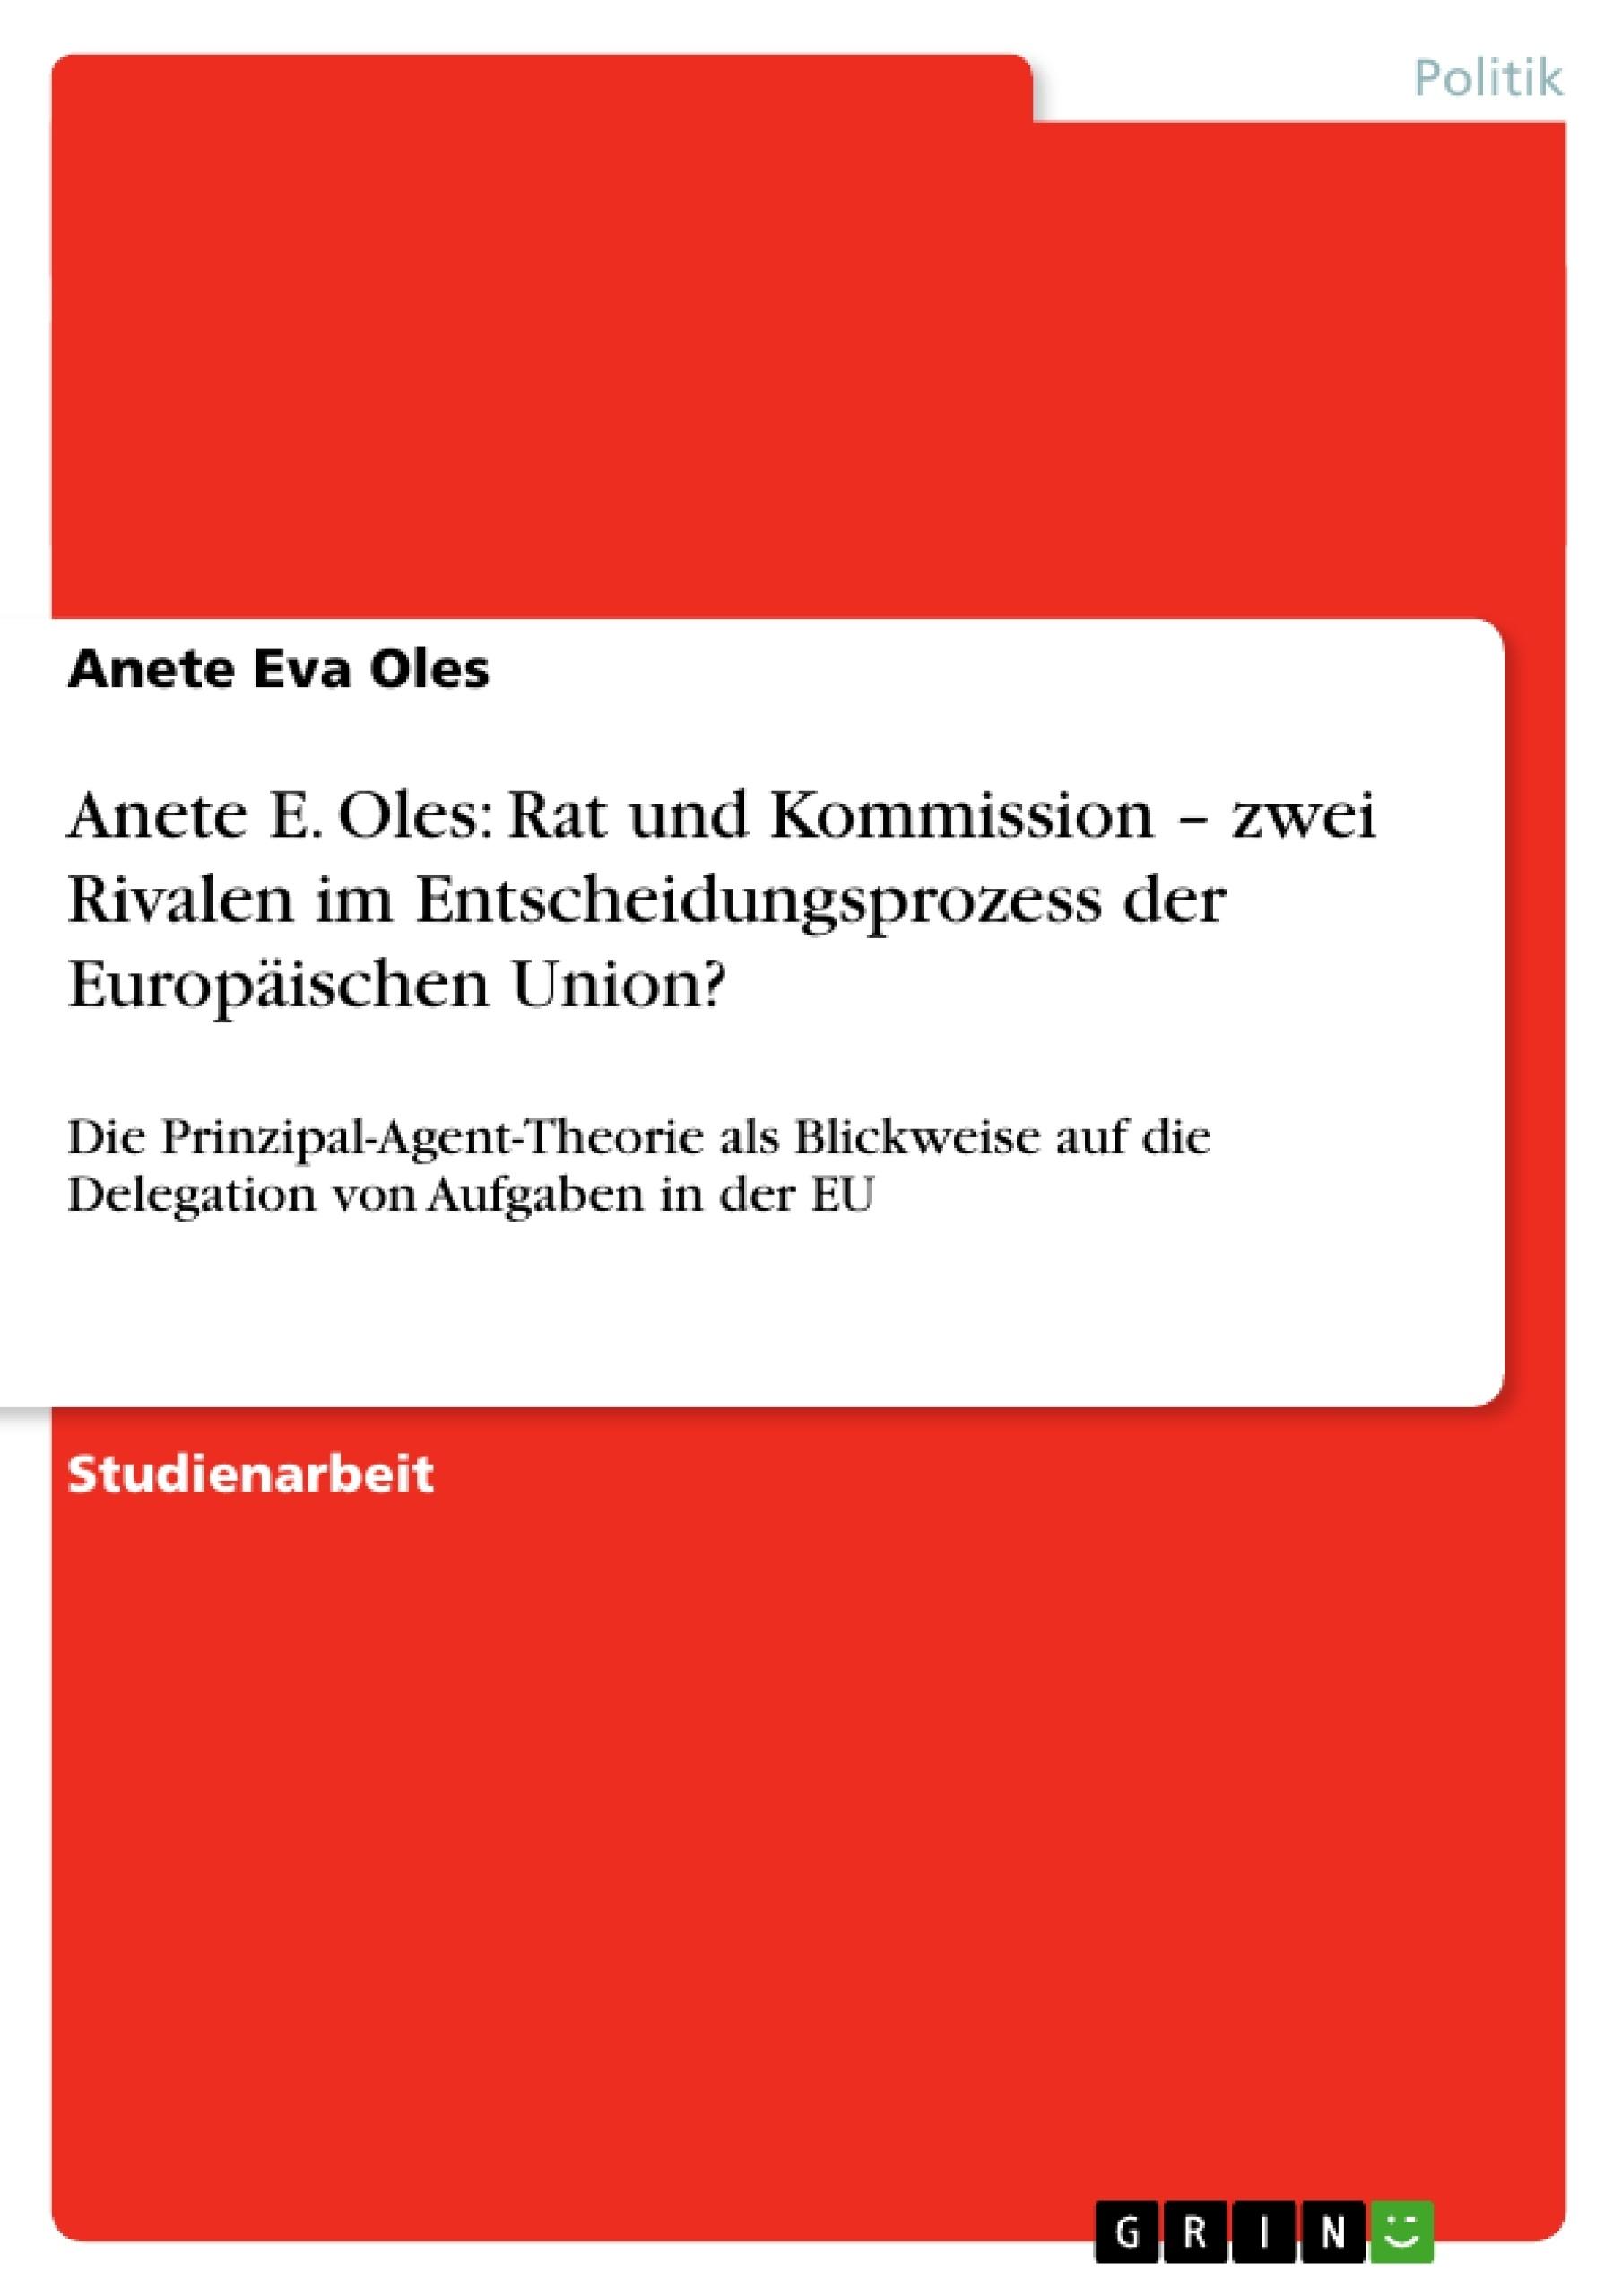 Titel: Anete E. Oles: Rat und Kommission – zwei Rivalen im Entscheidungsprozess der Europäischen Union?